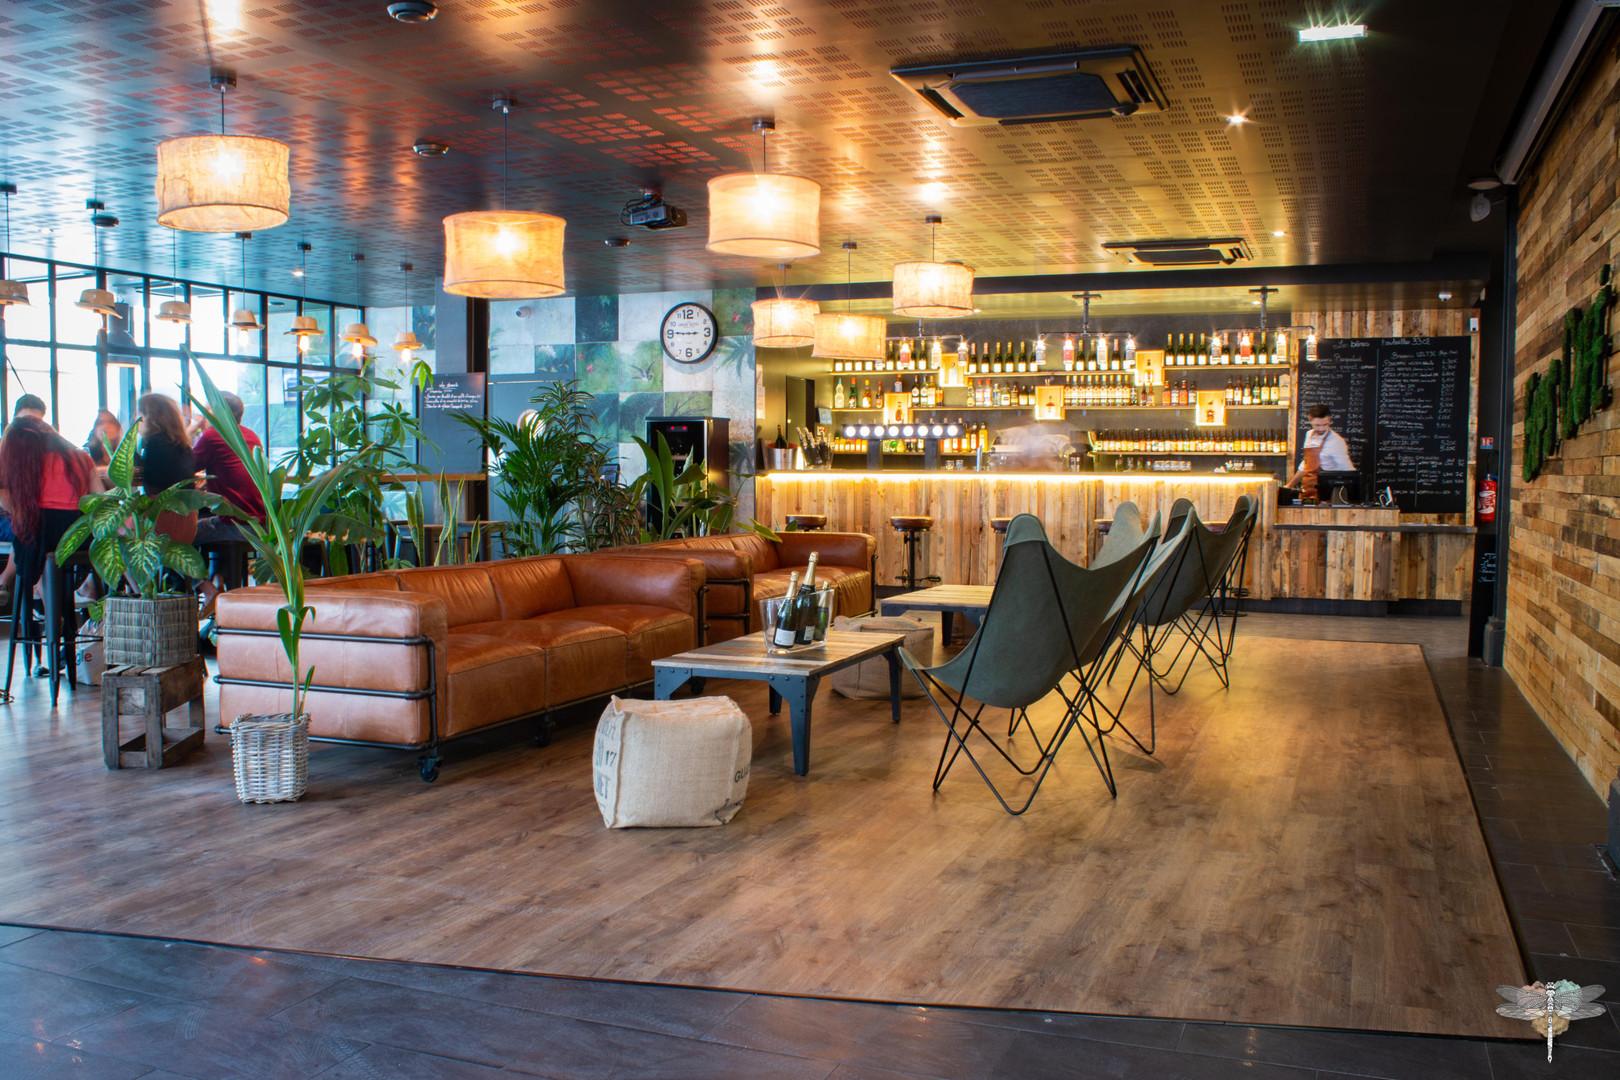 Agencement et décoration du restaurant industriel voyage EAP's CAFE par Carnets Libellule. Coralie Vasseur est votre Décoratrice d'intérieur UFDI à Compiegne : vue d'ensemble de l'espace lounge et bar avec canapés cosy en cuir